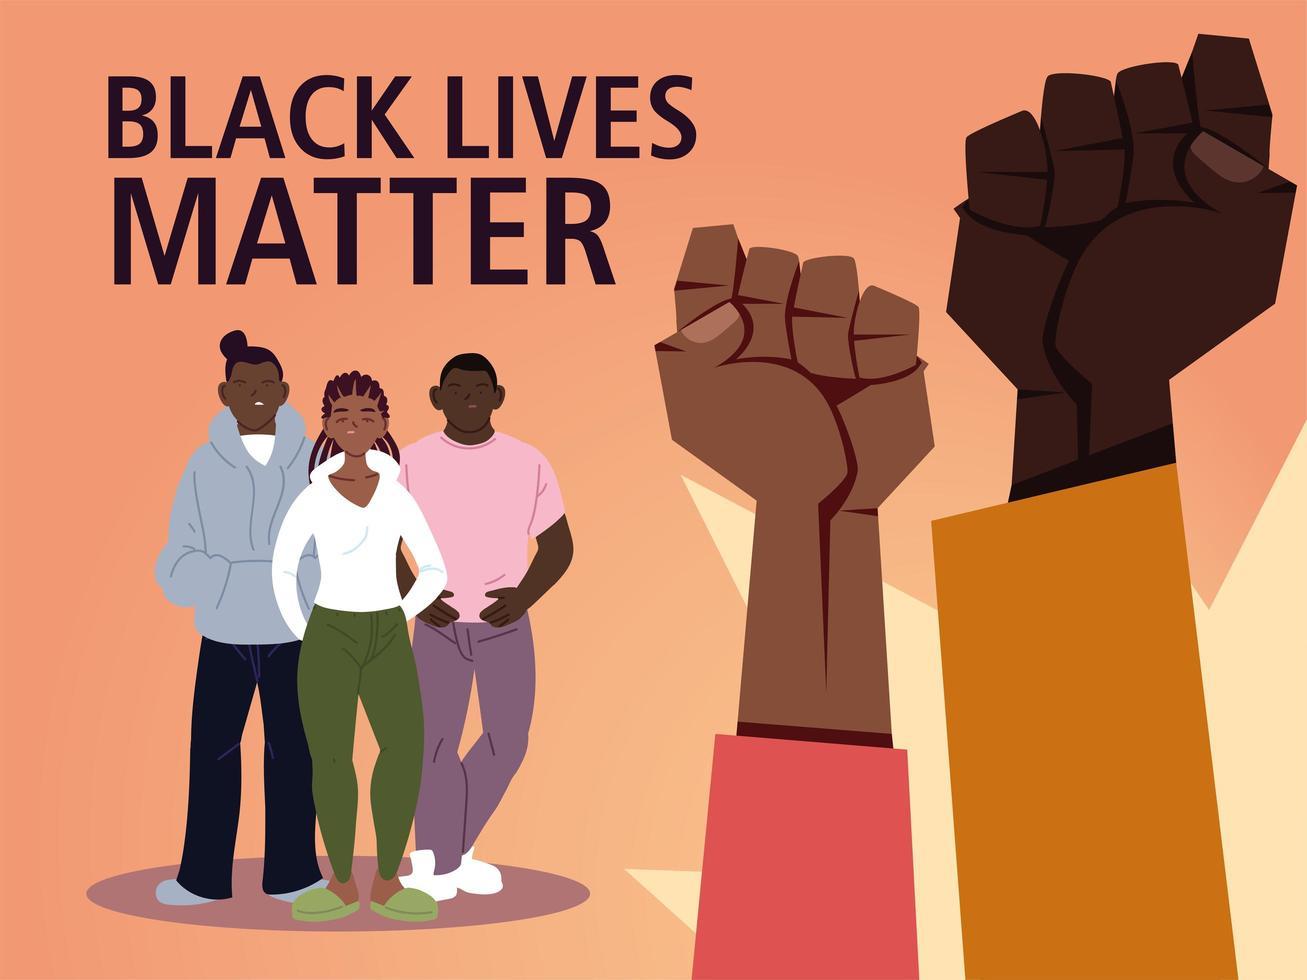 las vidas negras importan con puños niñas y niños vector